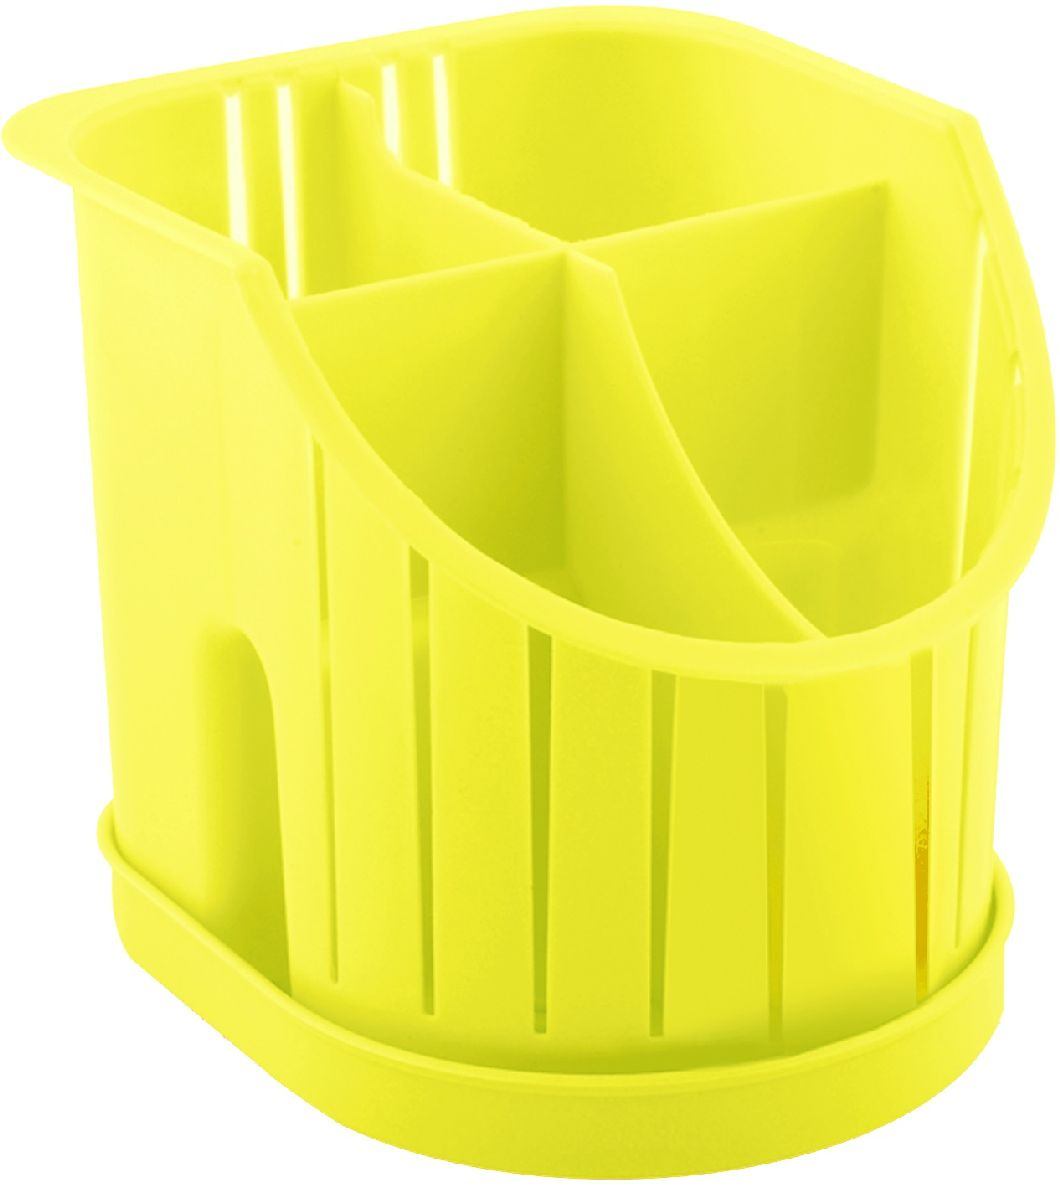 Сушилка для столовых приборов Plastic Centre, 4-секционная, цвет: желтый, 16 х 14,2 х 12,8 смПЦ1550ЛМНСушилка для столовых приборов пригодится на любой кухне. Четыре секции позволят сушить или хранить столовые приборы по отдельности (ножи, вилки, ложки и т.п.). Сушилка снабжена поддоном. Размер сушилки: 16 х 14,2 х 12,8 см.